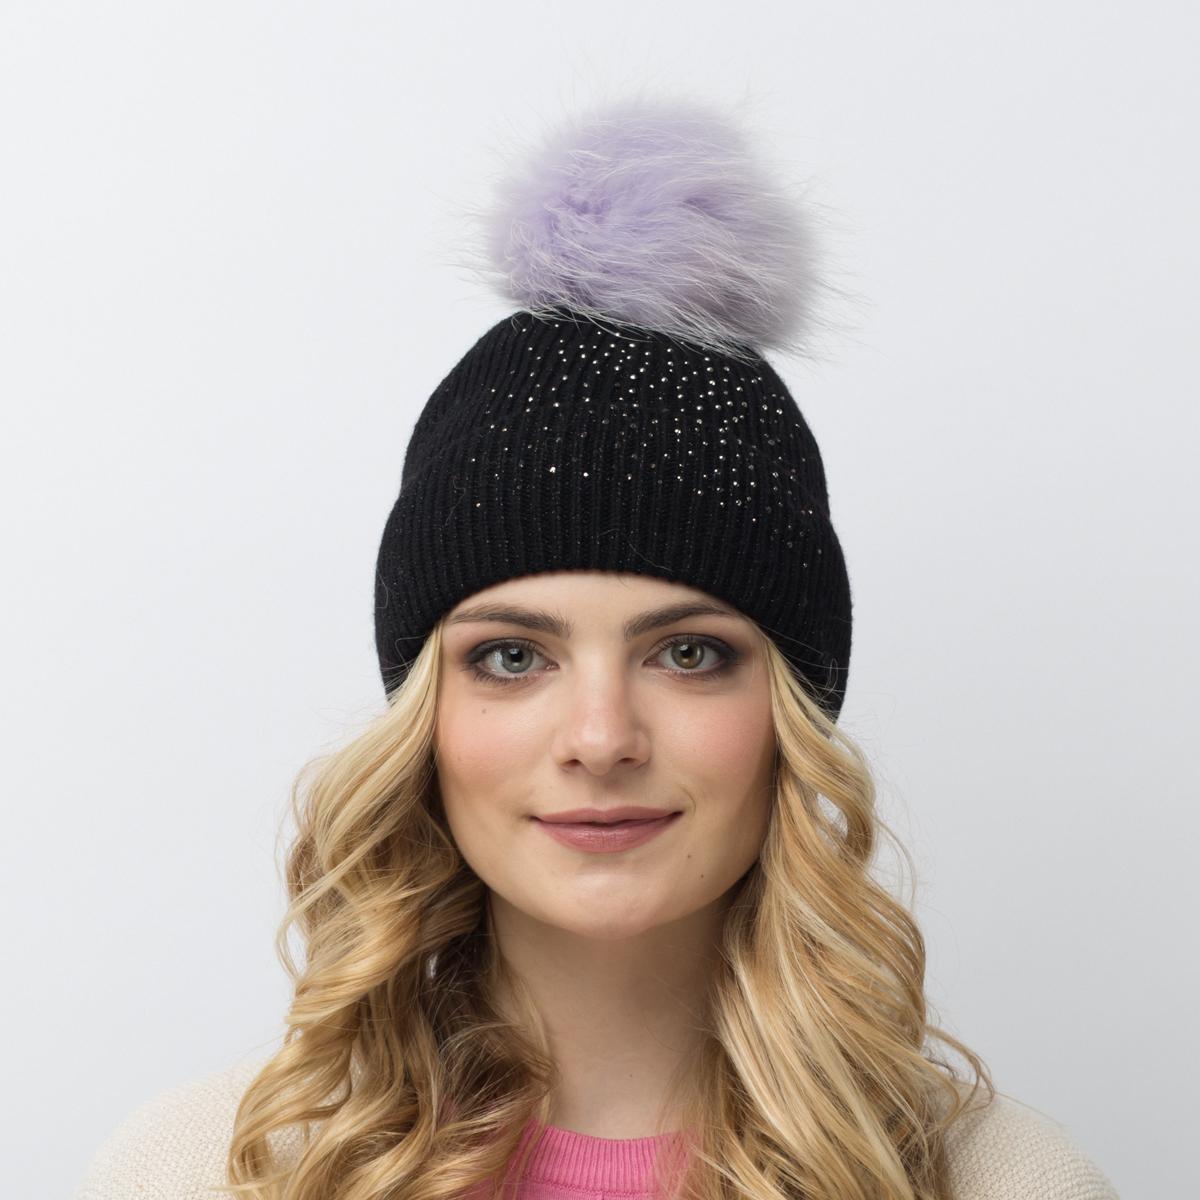 Шапка женская Flioraj, цвет: черный. 710/10-М-СТ FJ. Размер 54/58710/10-М-СТ FJТеплая шерстяная шапка от Flioraj выполнена модной рельефной вязкой. Отлично защитит от холода. Такую шапочку можно носить с любым видом верхней одежды, достаточно только определиться с цветом. Модель дополнена стразами и меховым помпоном.